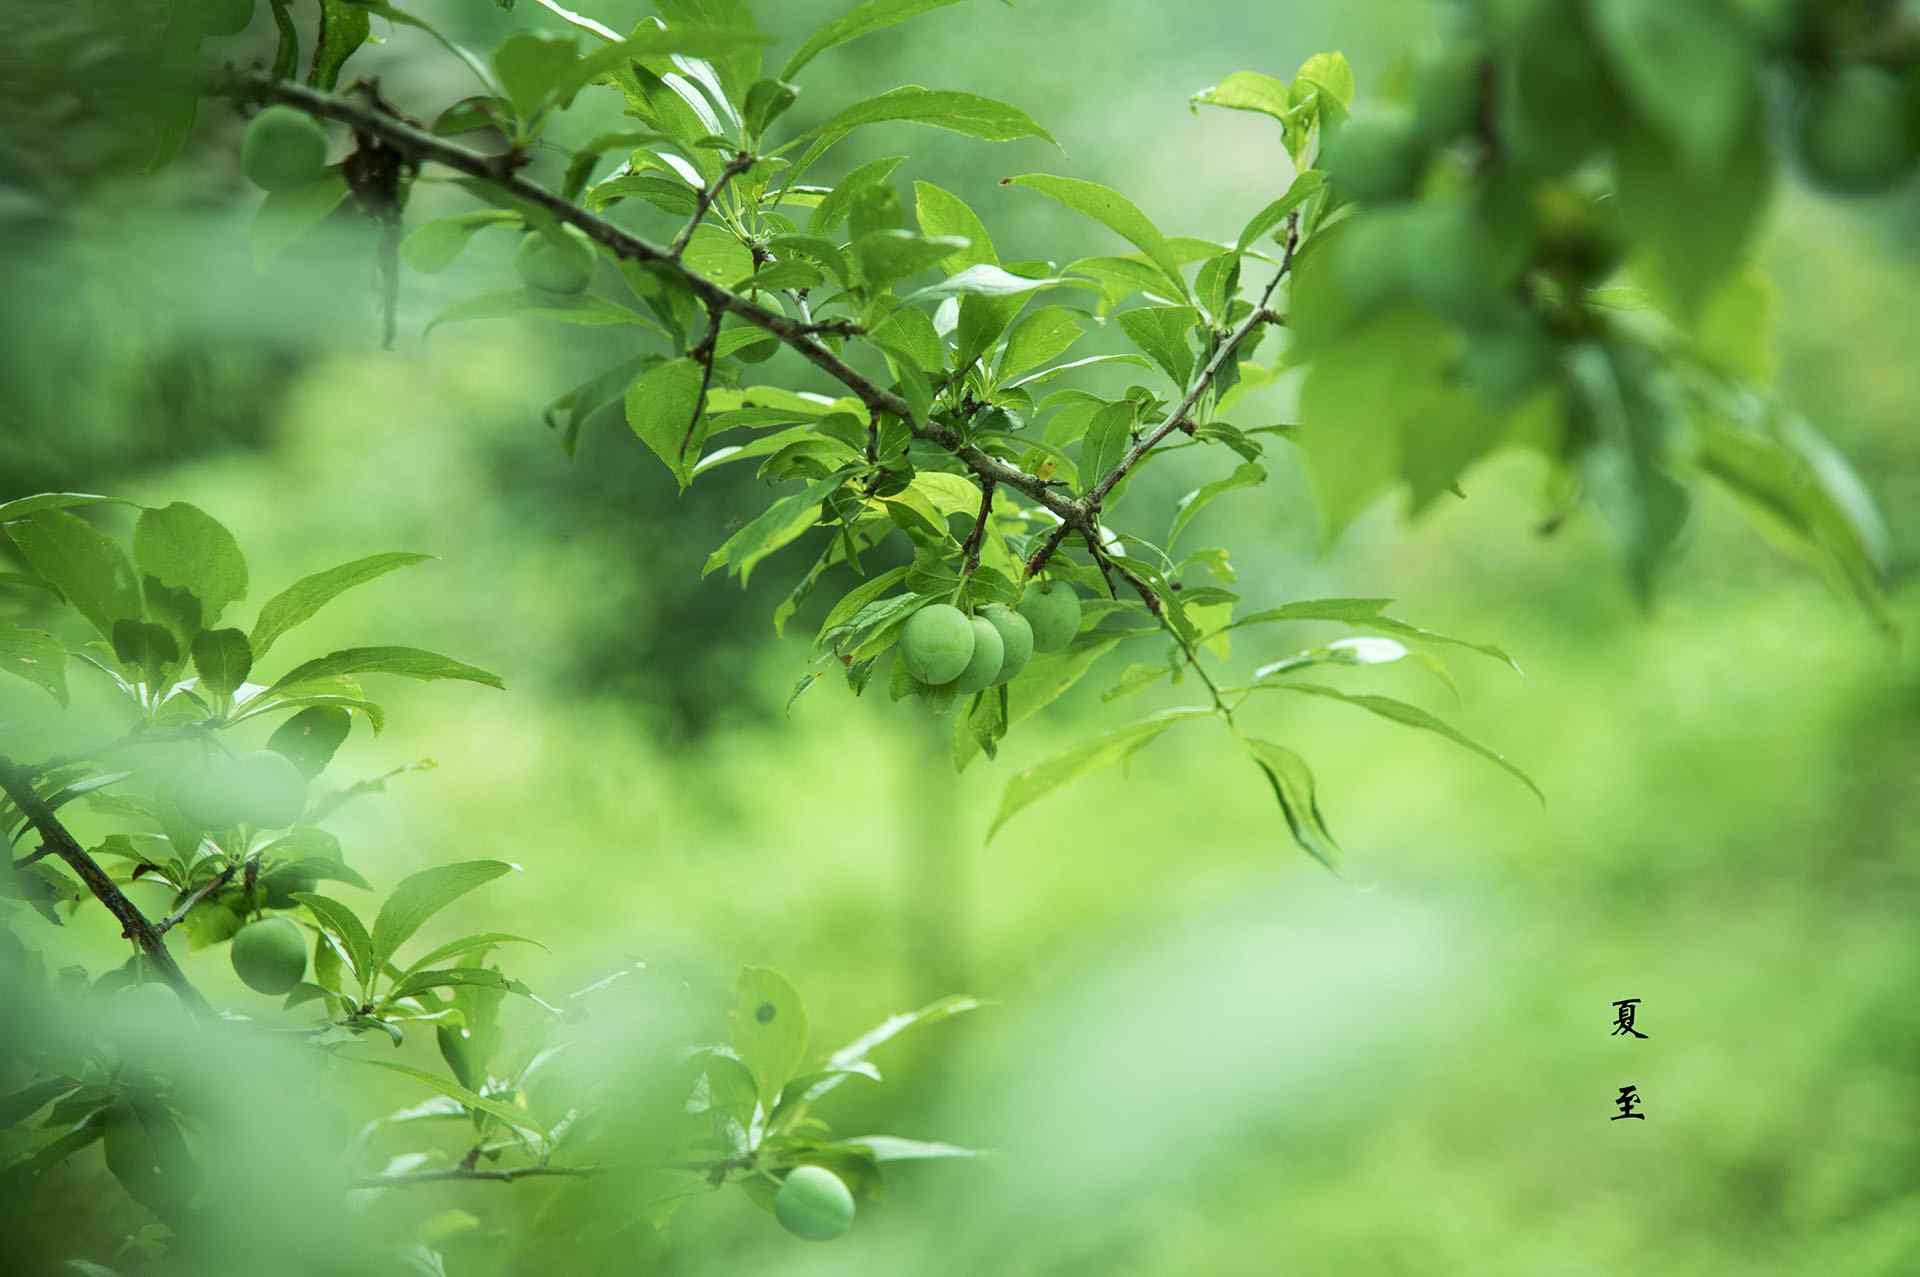 2017年夏至绿色风景护眼壁纸